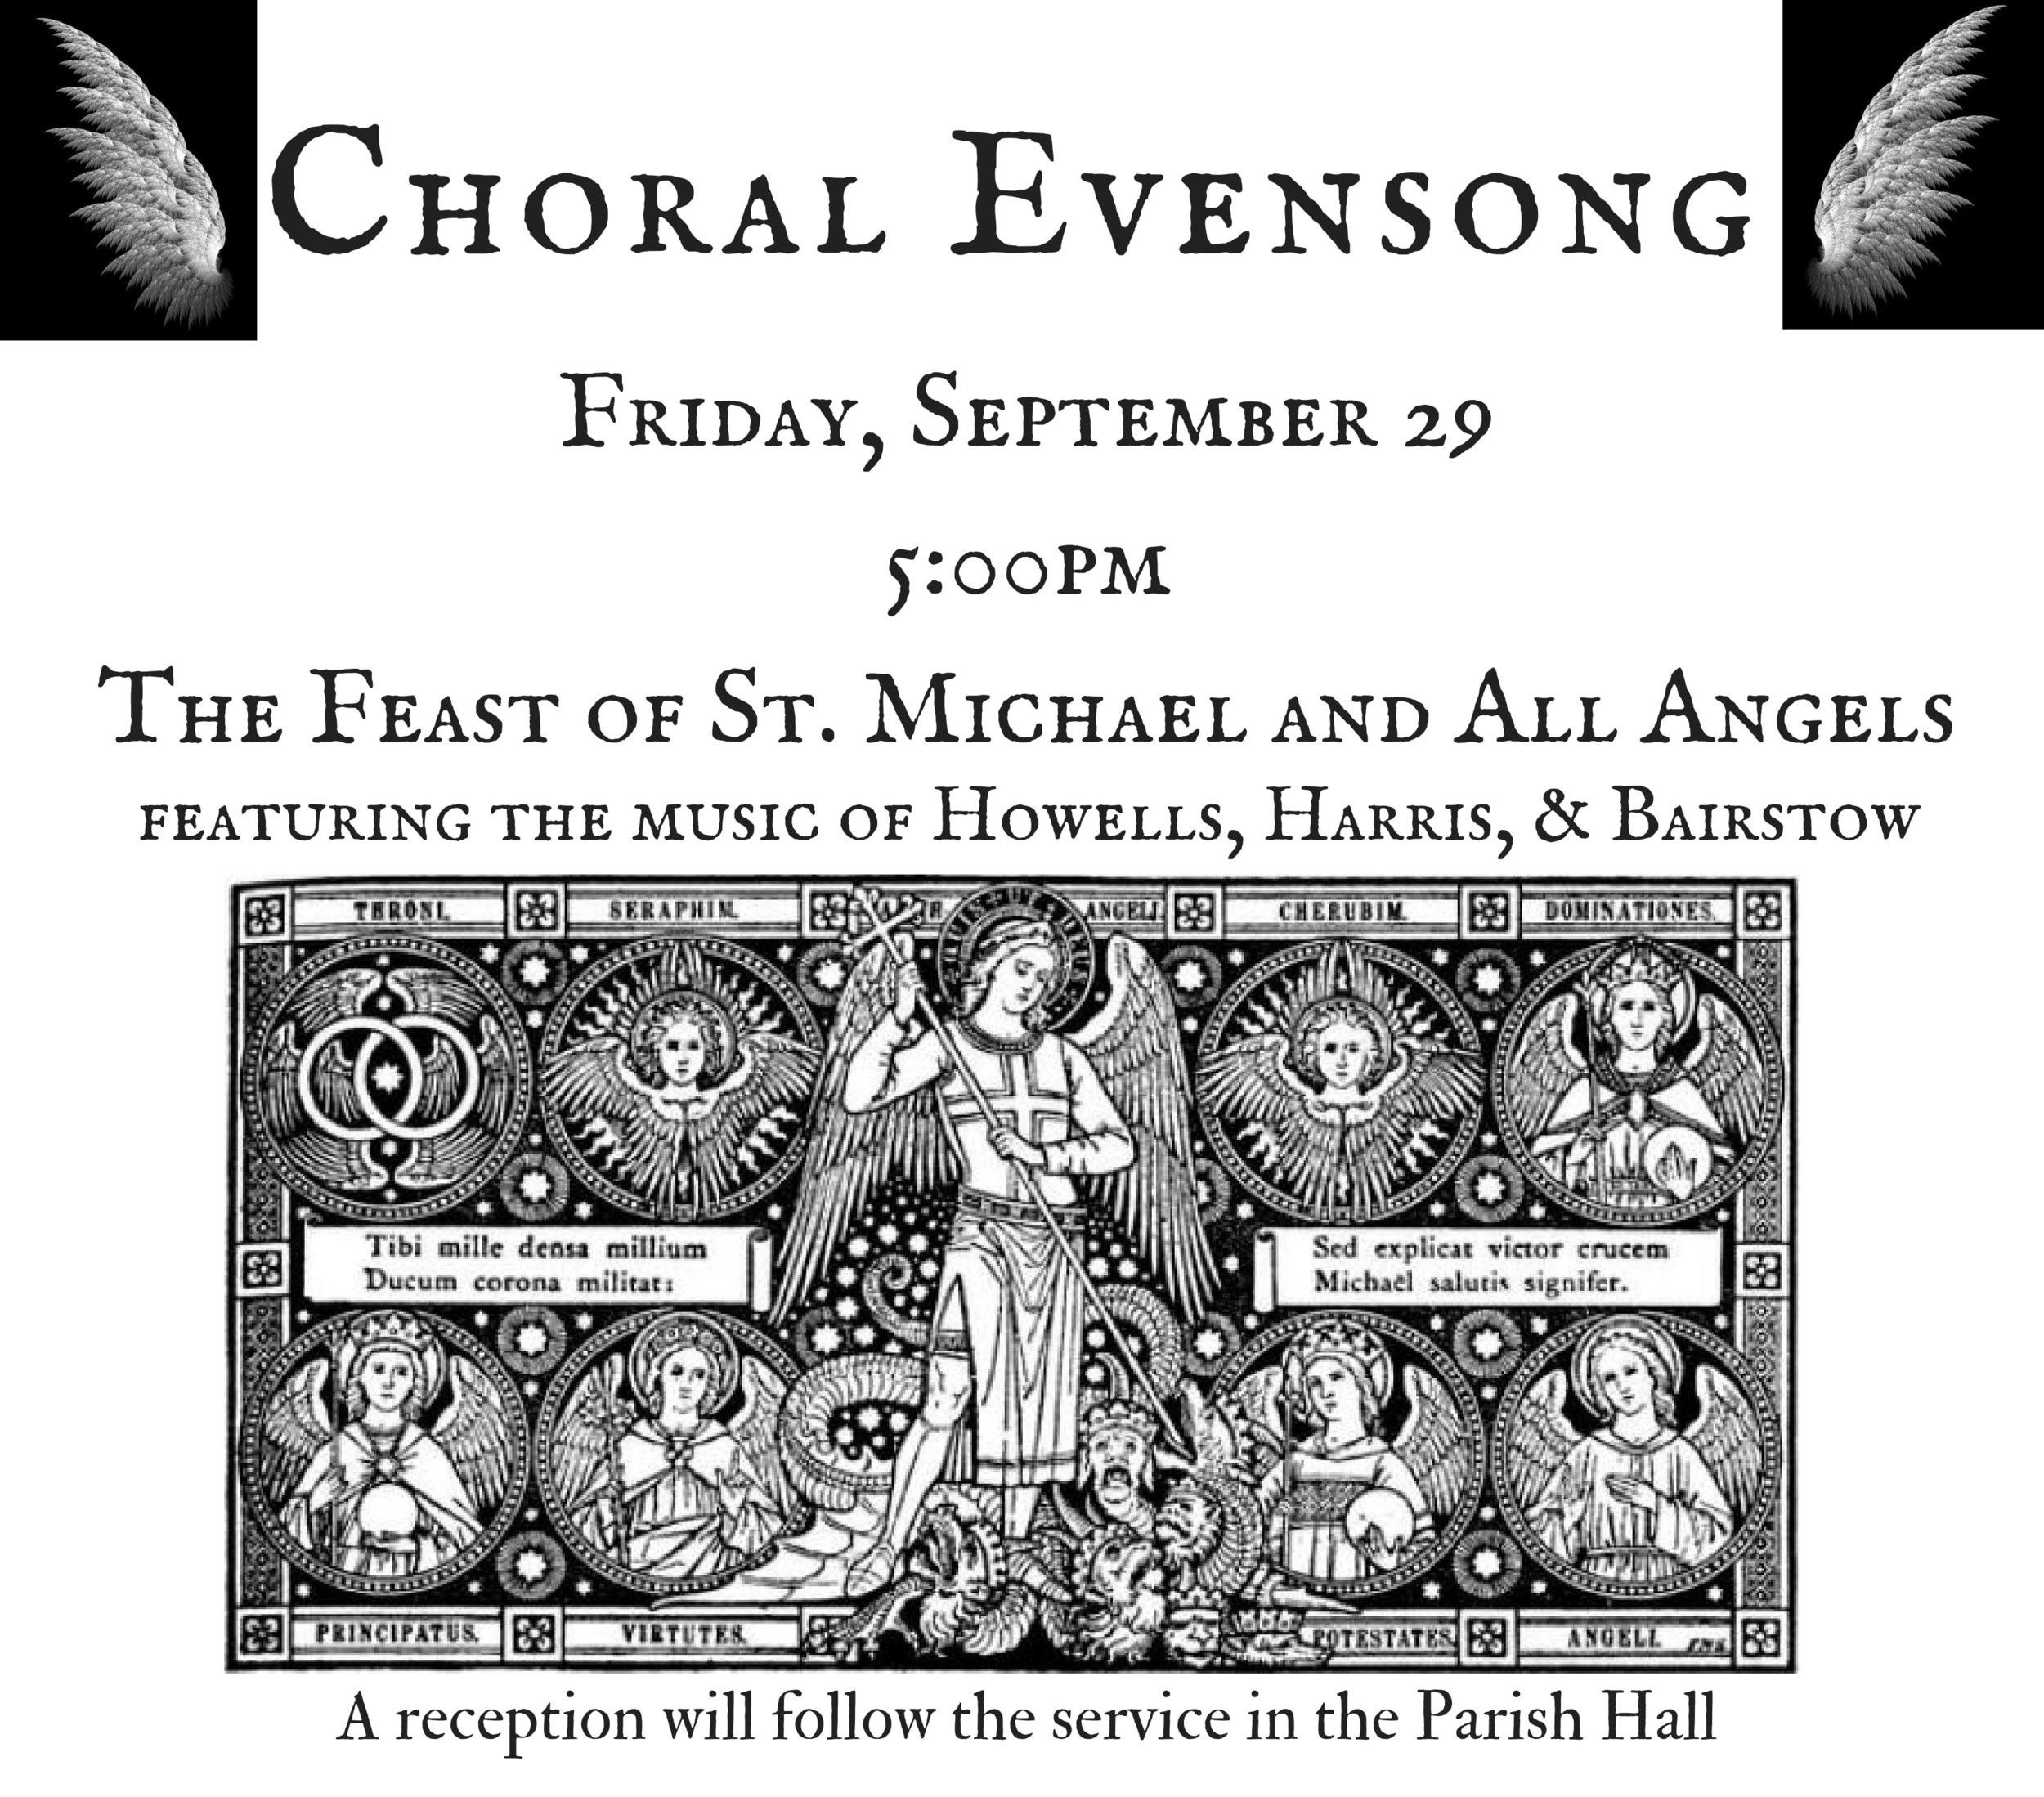 Choral EvensongSept29_Flyer-1.jpg